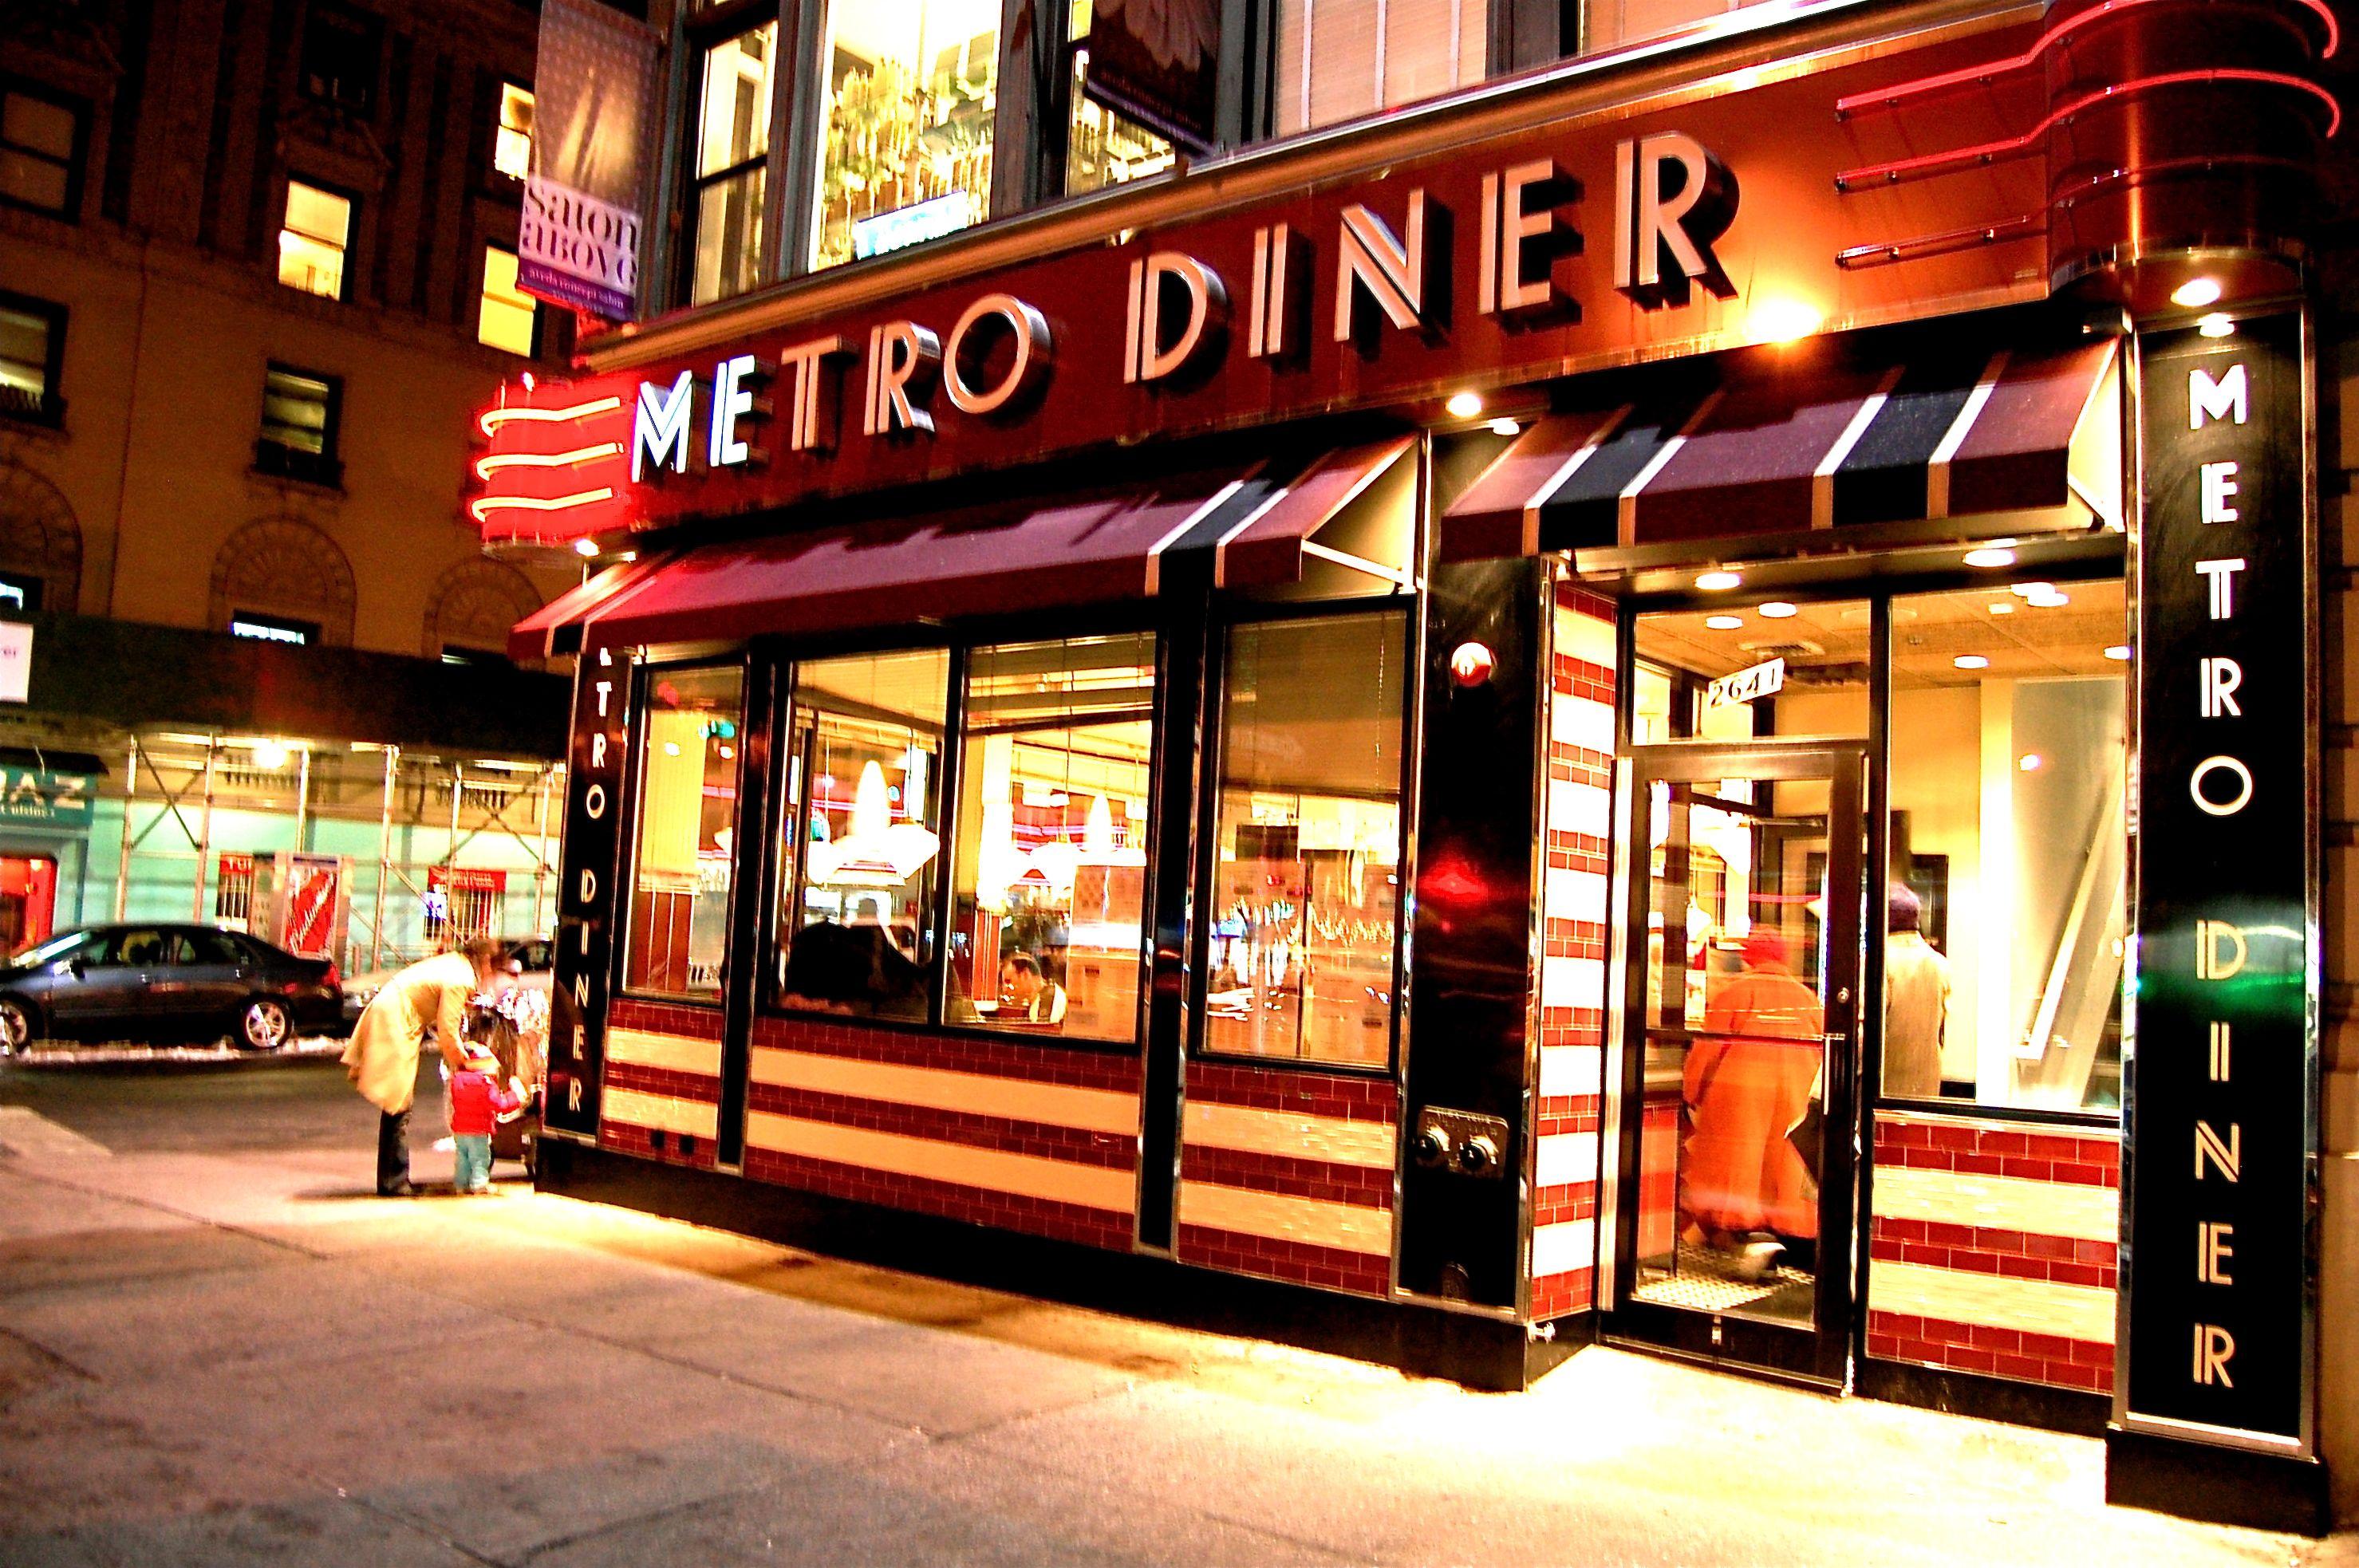 De Metro Diner in New York, waar ik samen met Helena elke dag ...